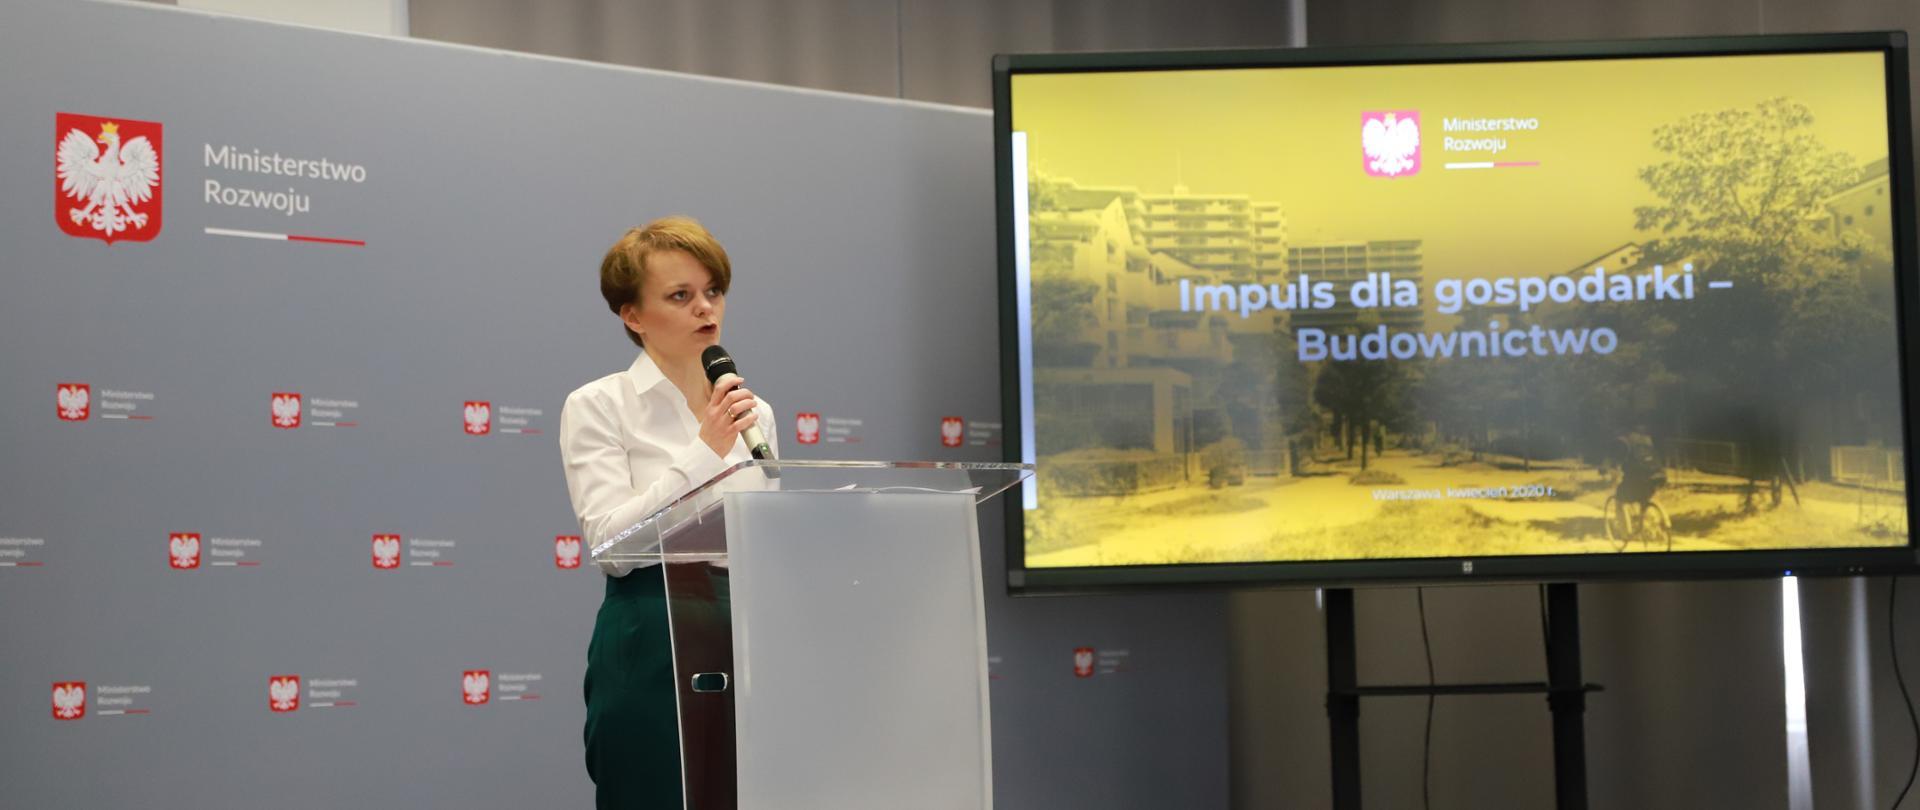 Wicepremier Jadwiga Emilewicz w trakcie przemówienia. Stoi za mównicą, na tle ścianki z logo MR, po prawej stronie ekran, na którym wyświetla się hasło Impuls dla gospodarki - Budownictwo.